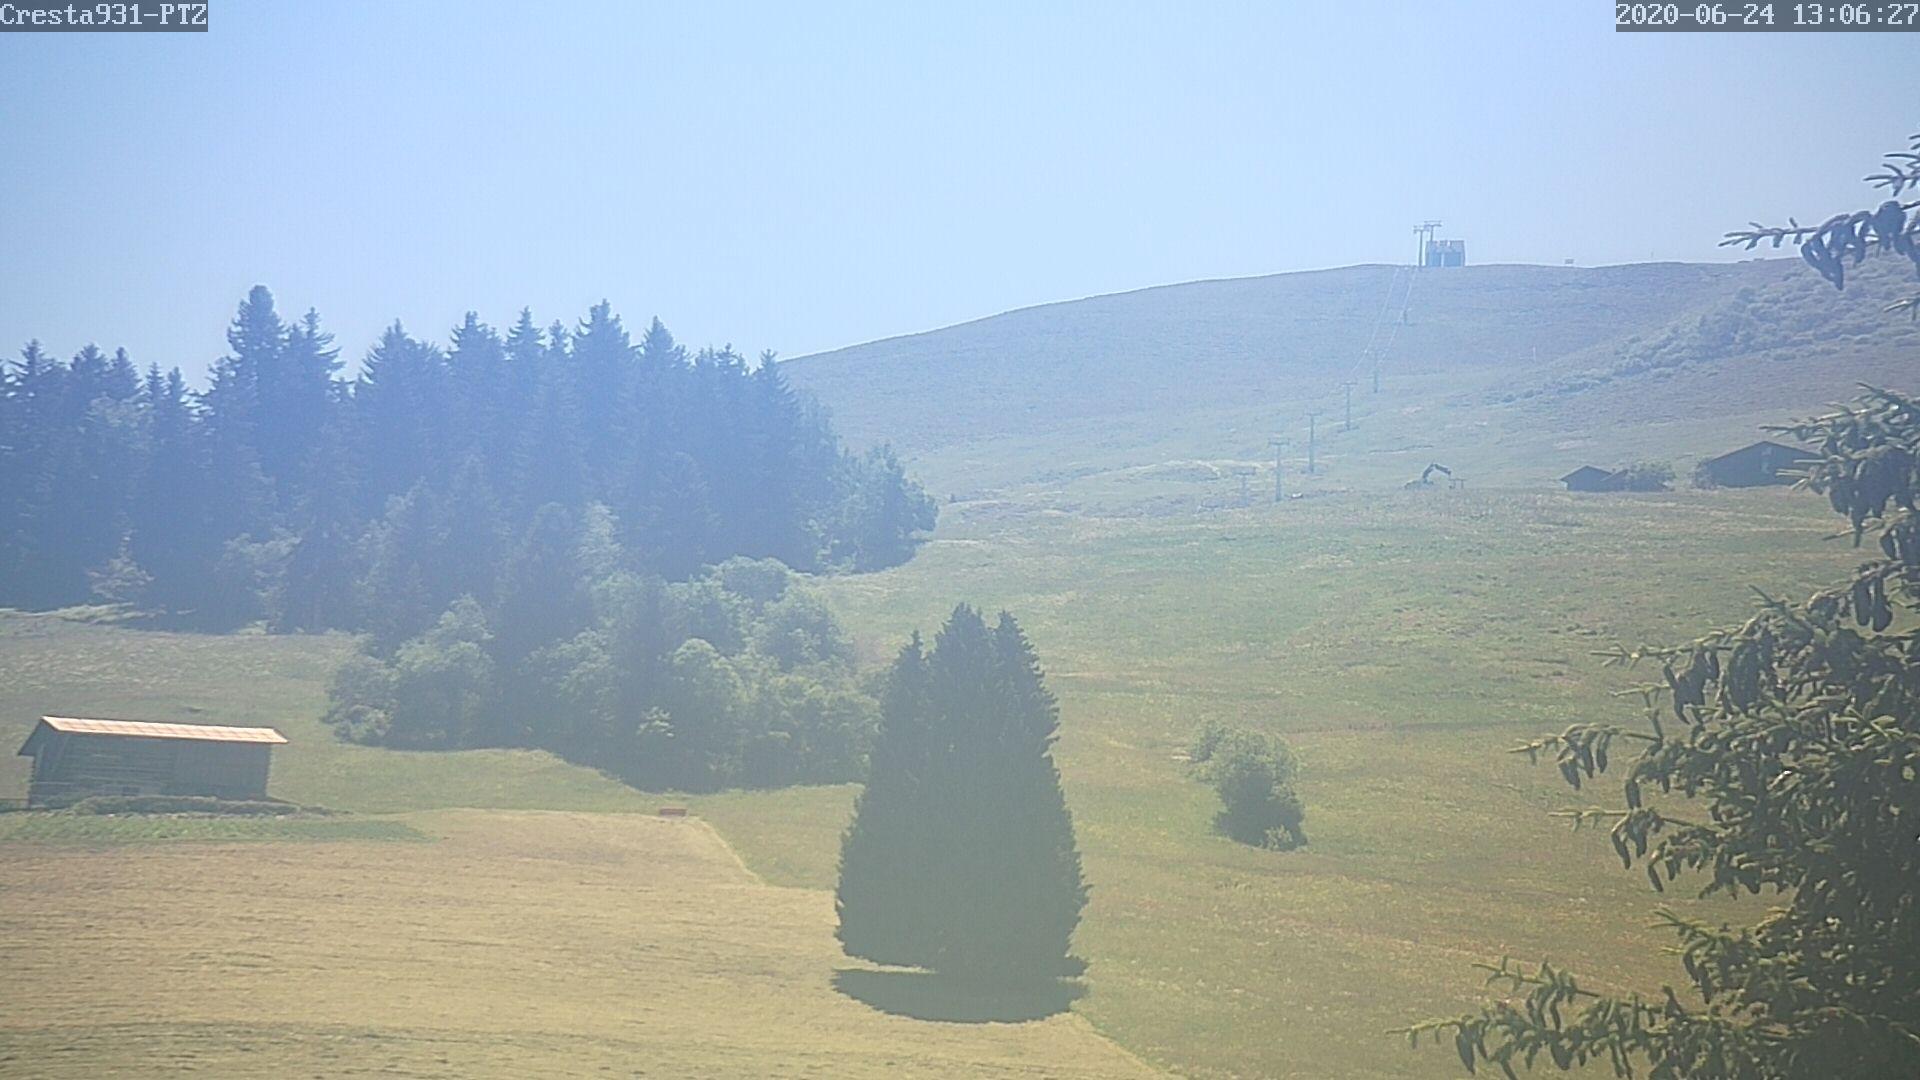 Obersaxen-Misanenga › Süd: Cresta - Obersaxen: Piz Mundaun - Hitzeggen - Stein